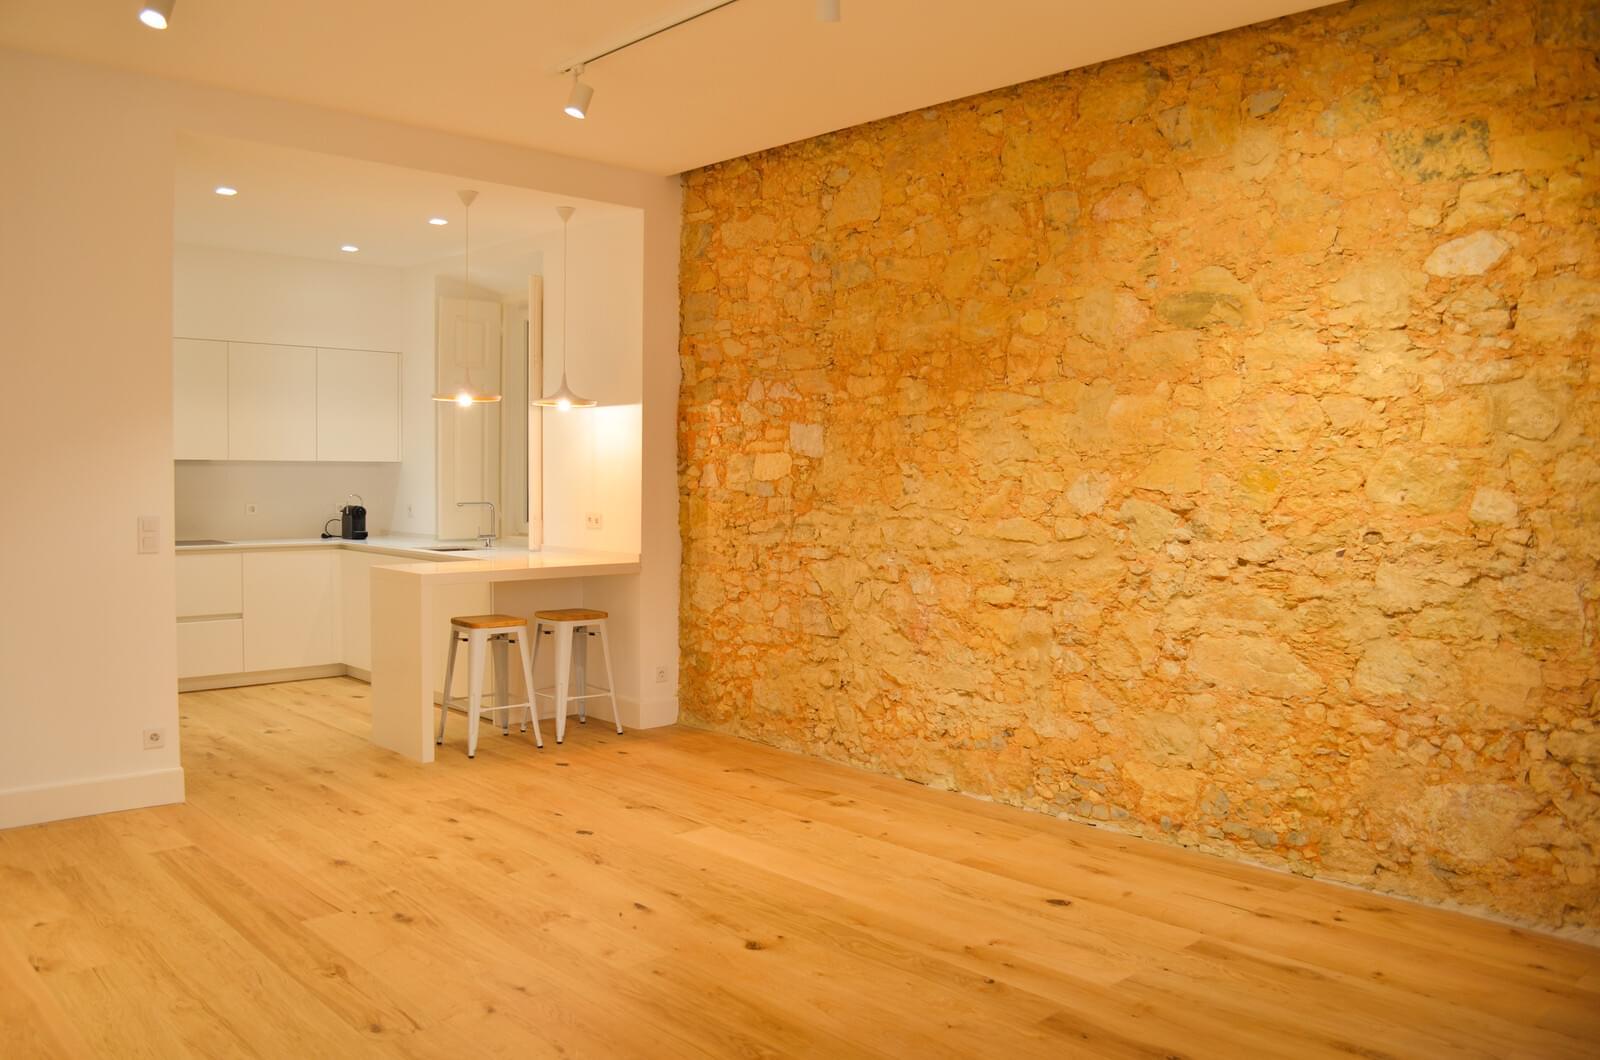 pf18801-apartamento-t2-lisboa-44f22878-cc97-4f71-9288-163af6e4aaa2